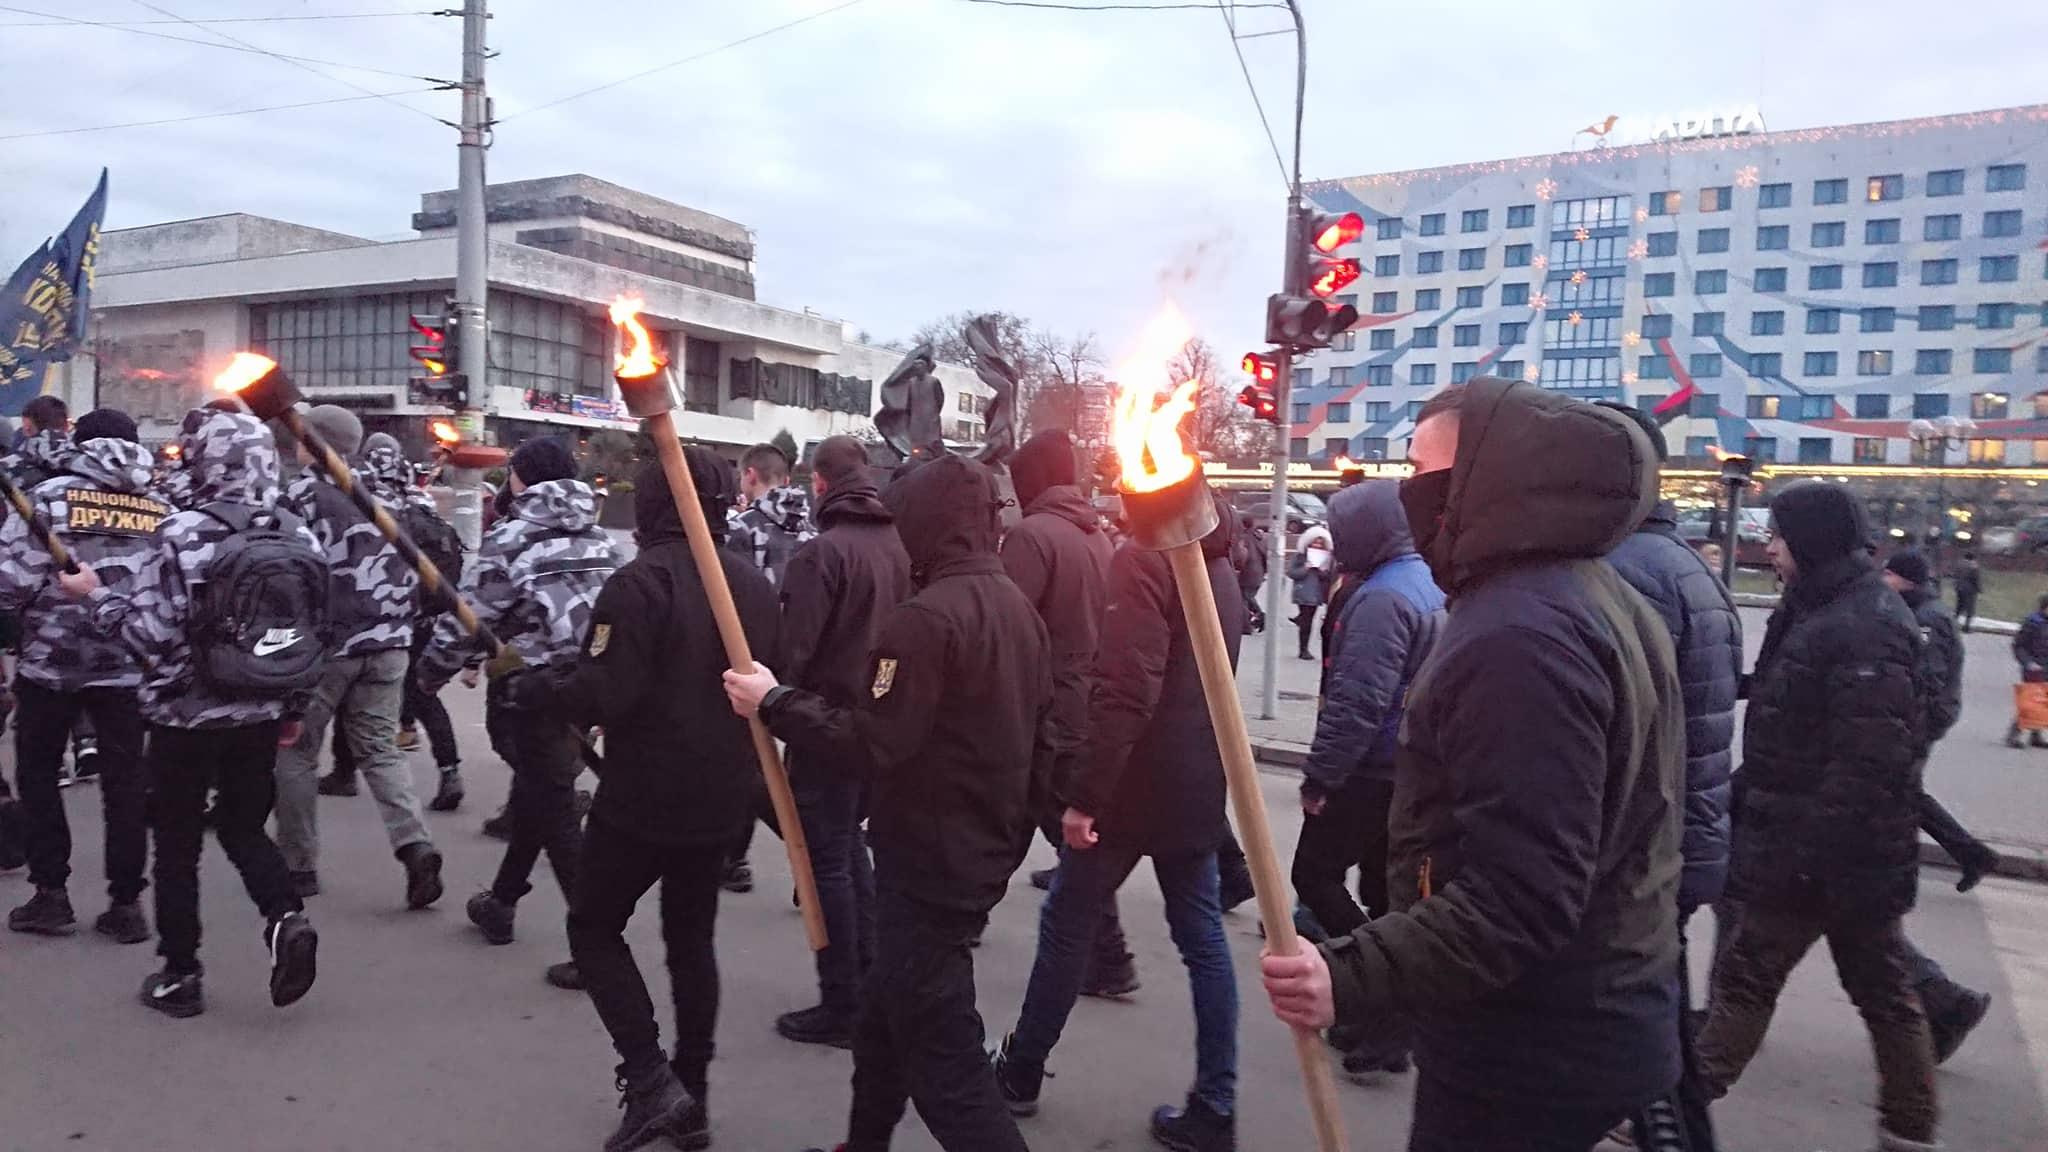 """""""Наша земля – наші герої"""": двома смолоскипними маршами у Франківську вшанували полеглих під Крутами 12"""